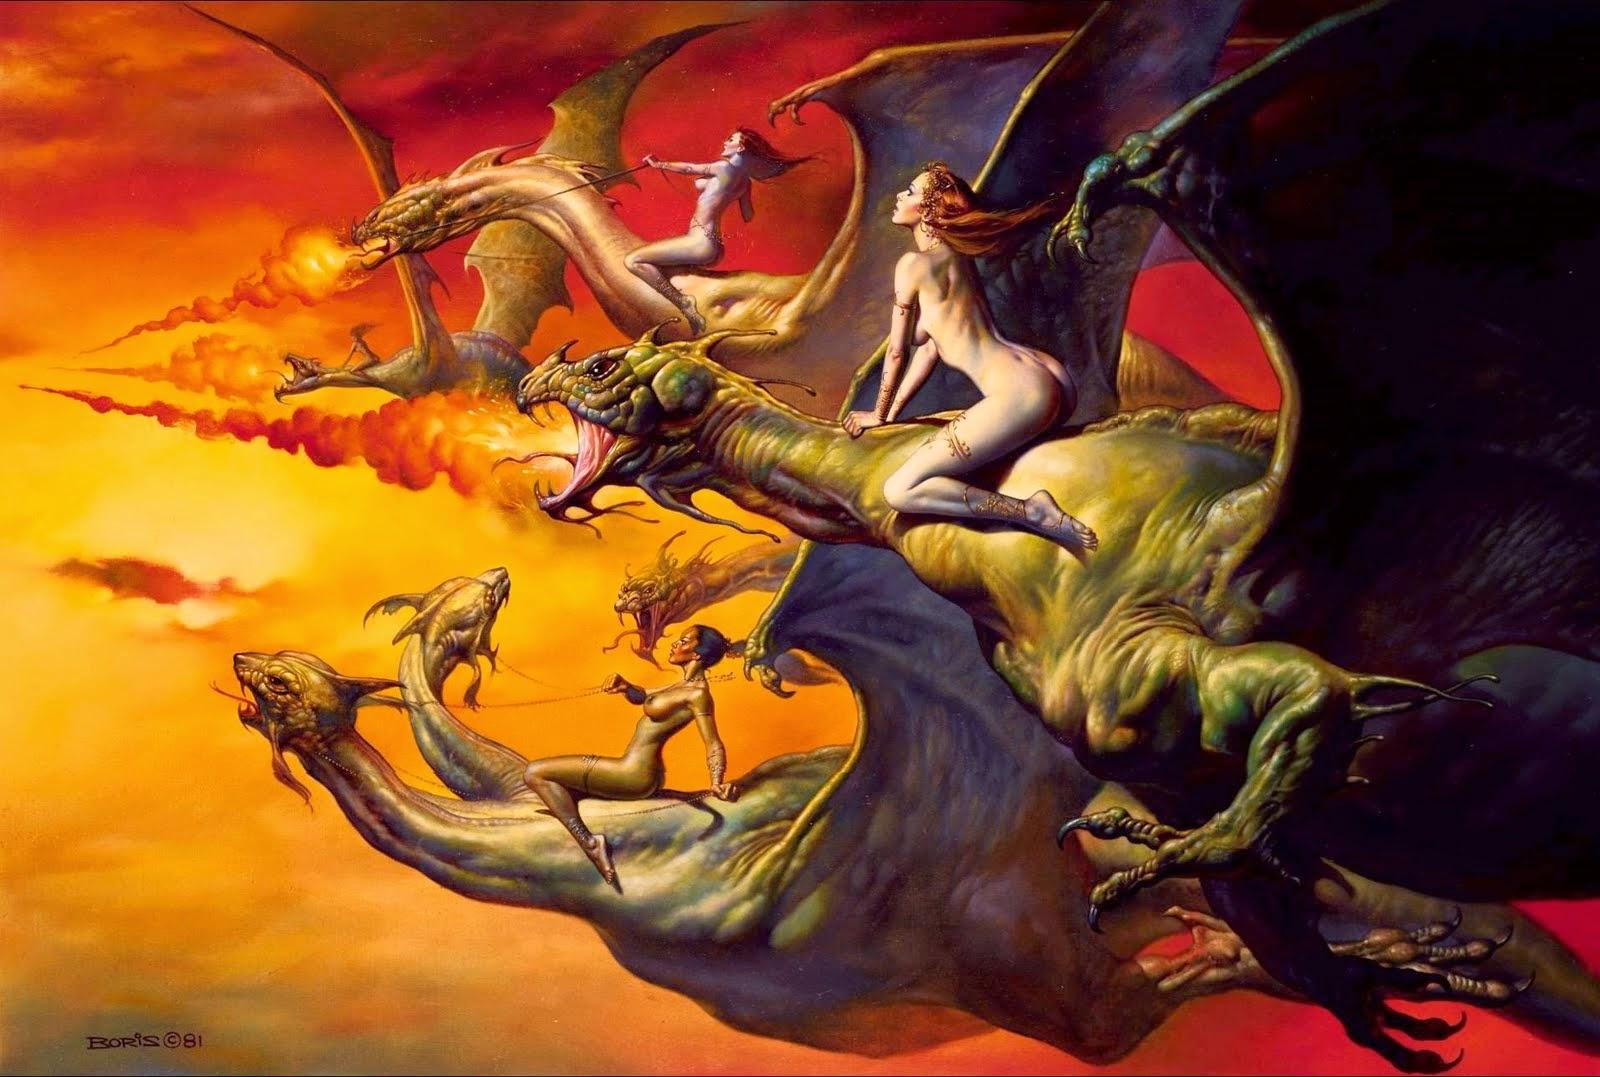 Busca - Obras de Boris Vallejo ~ O rei no campo da fantasia